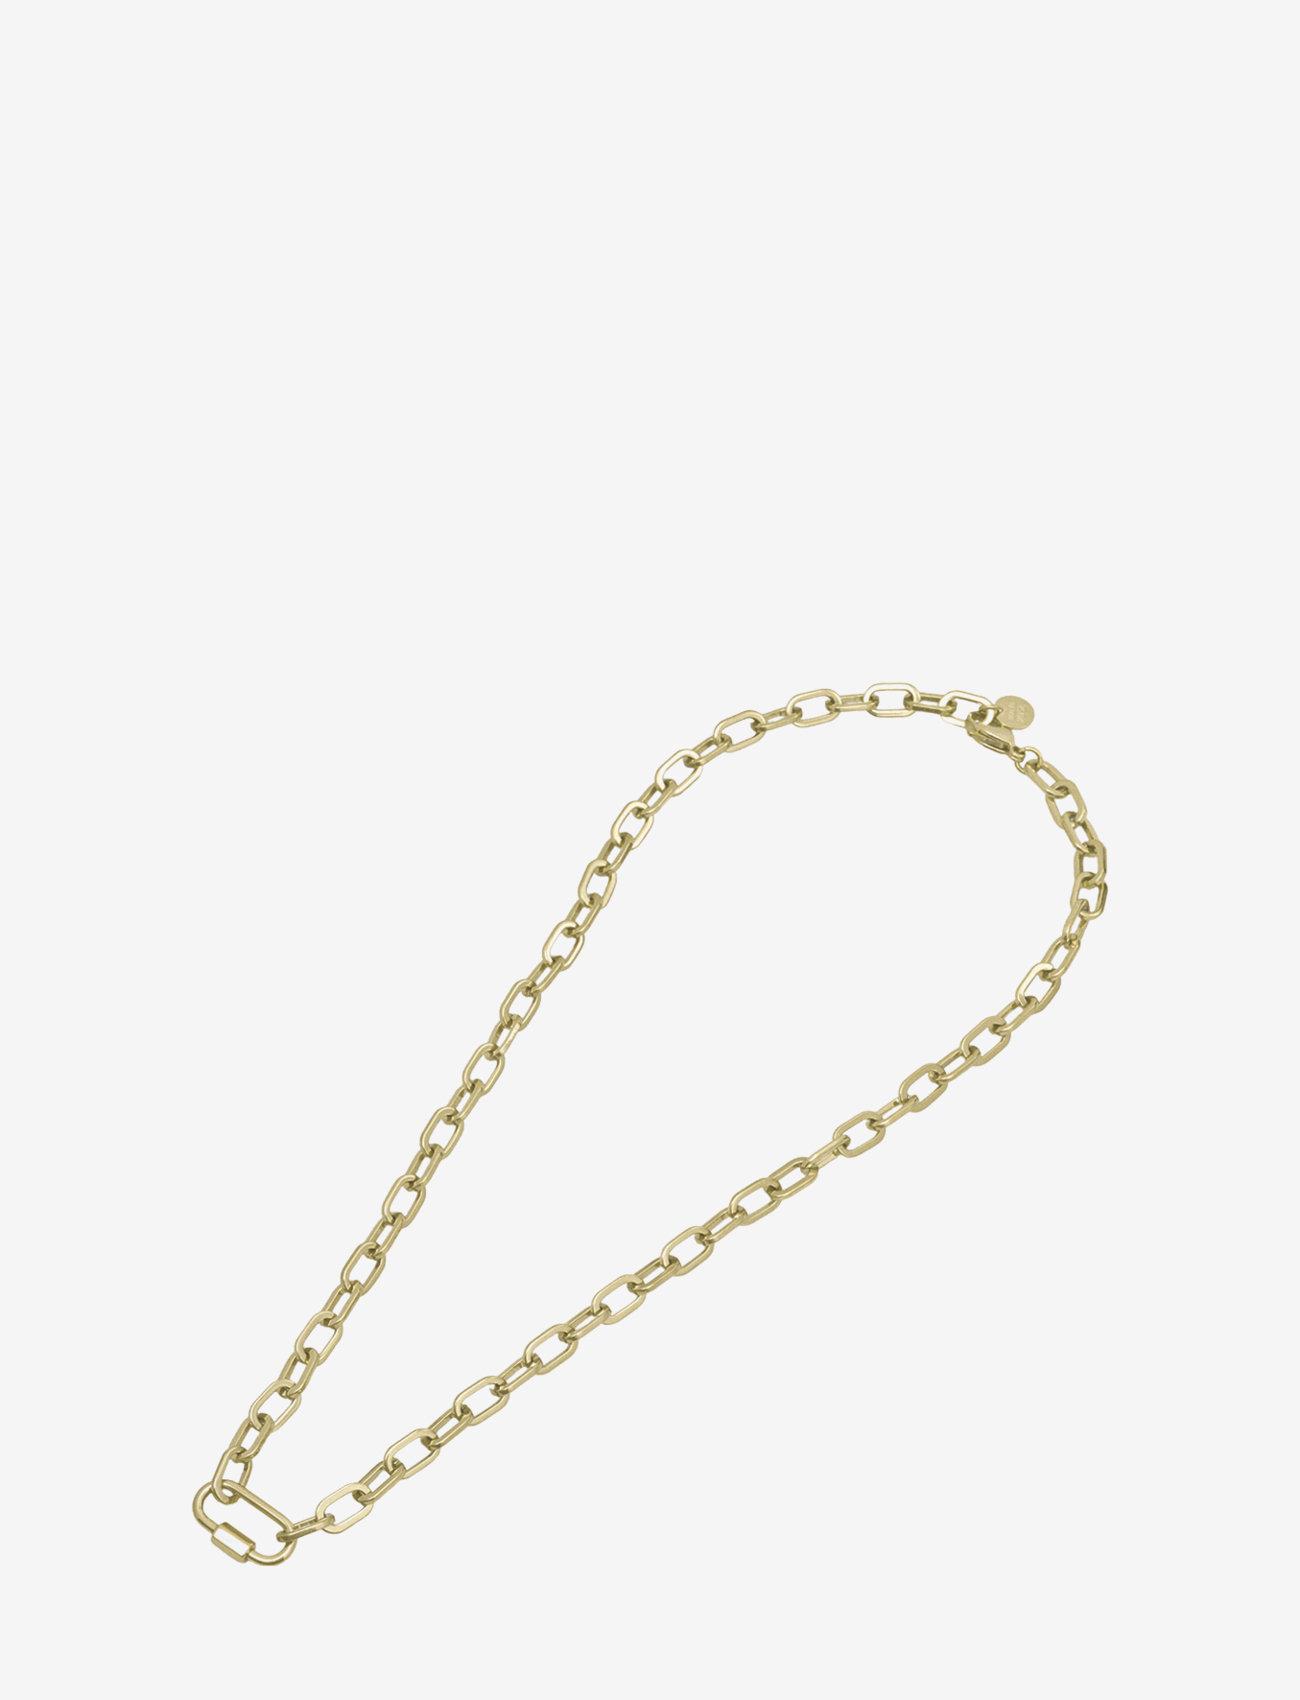 Bud to rose - Nova Short Necklace Gold - kettingen  - gold - 1